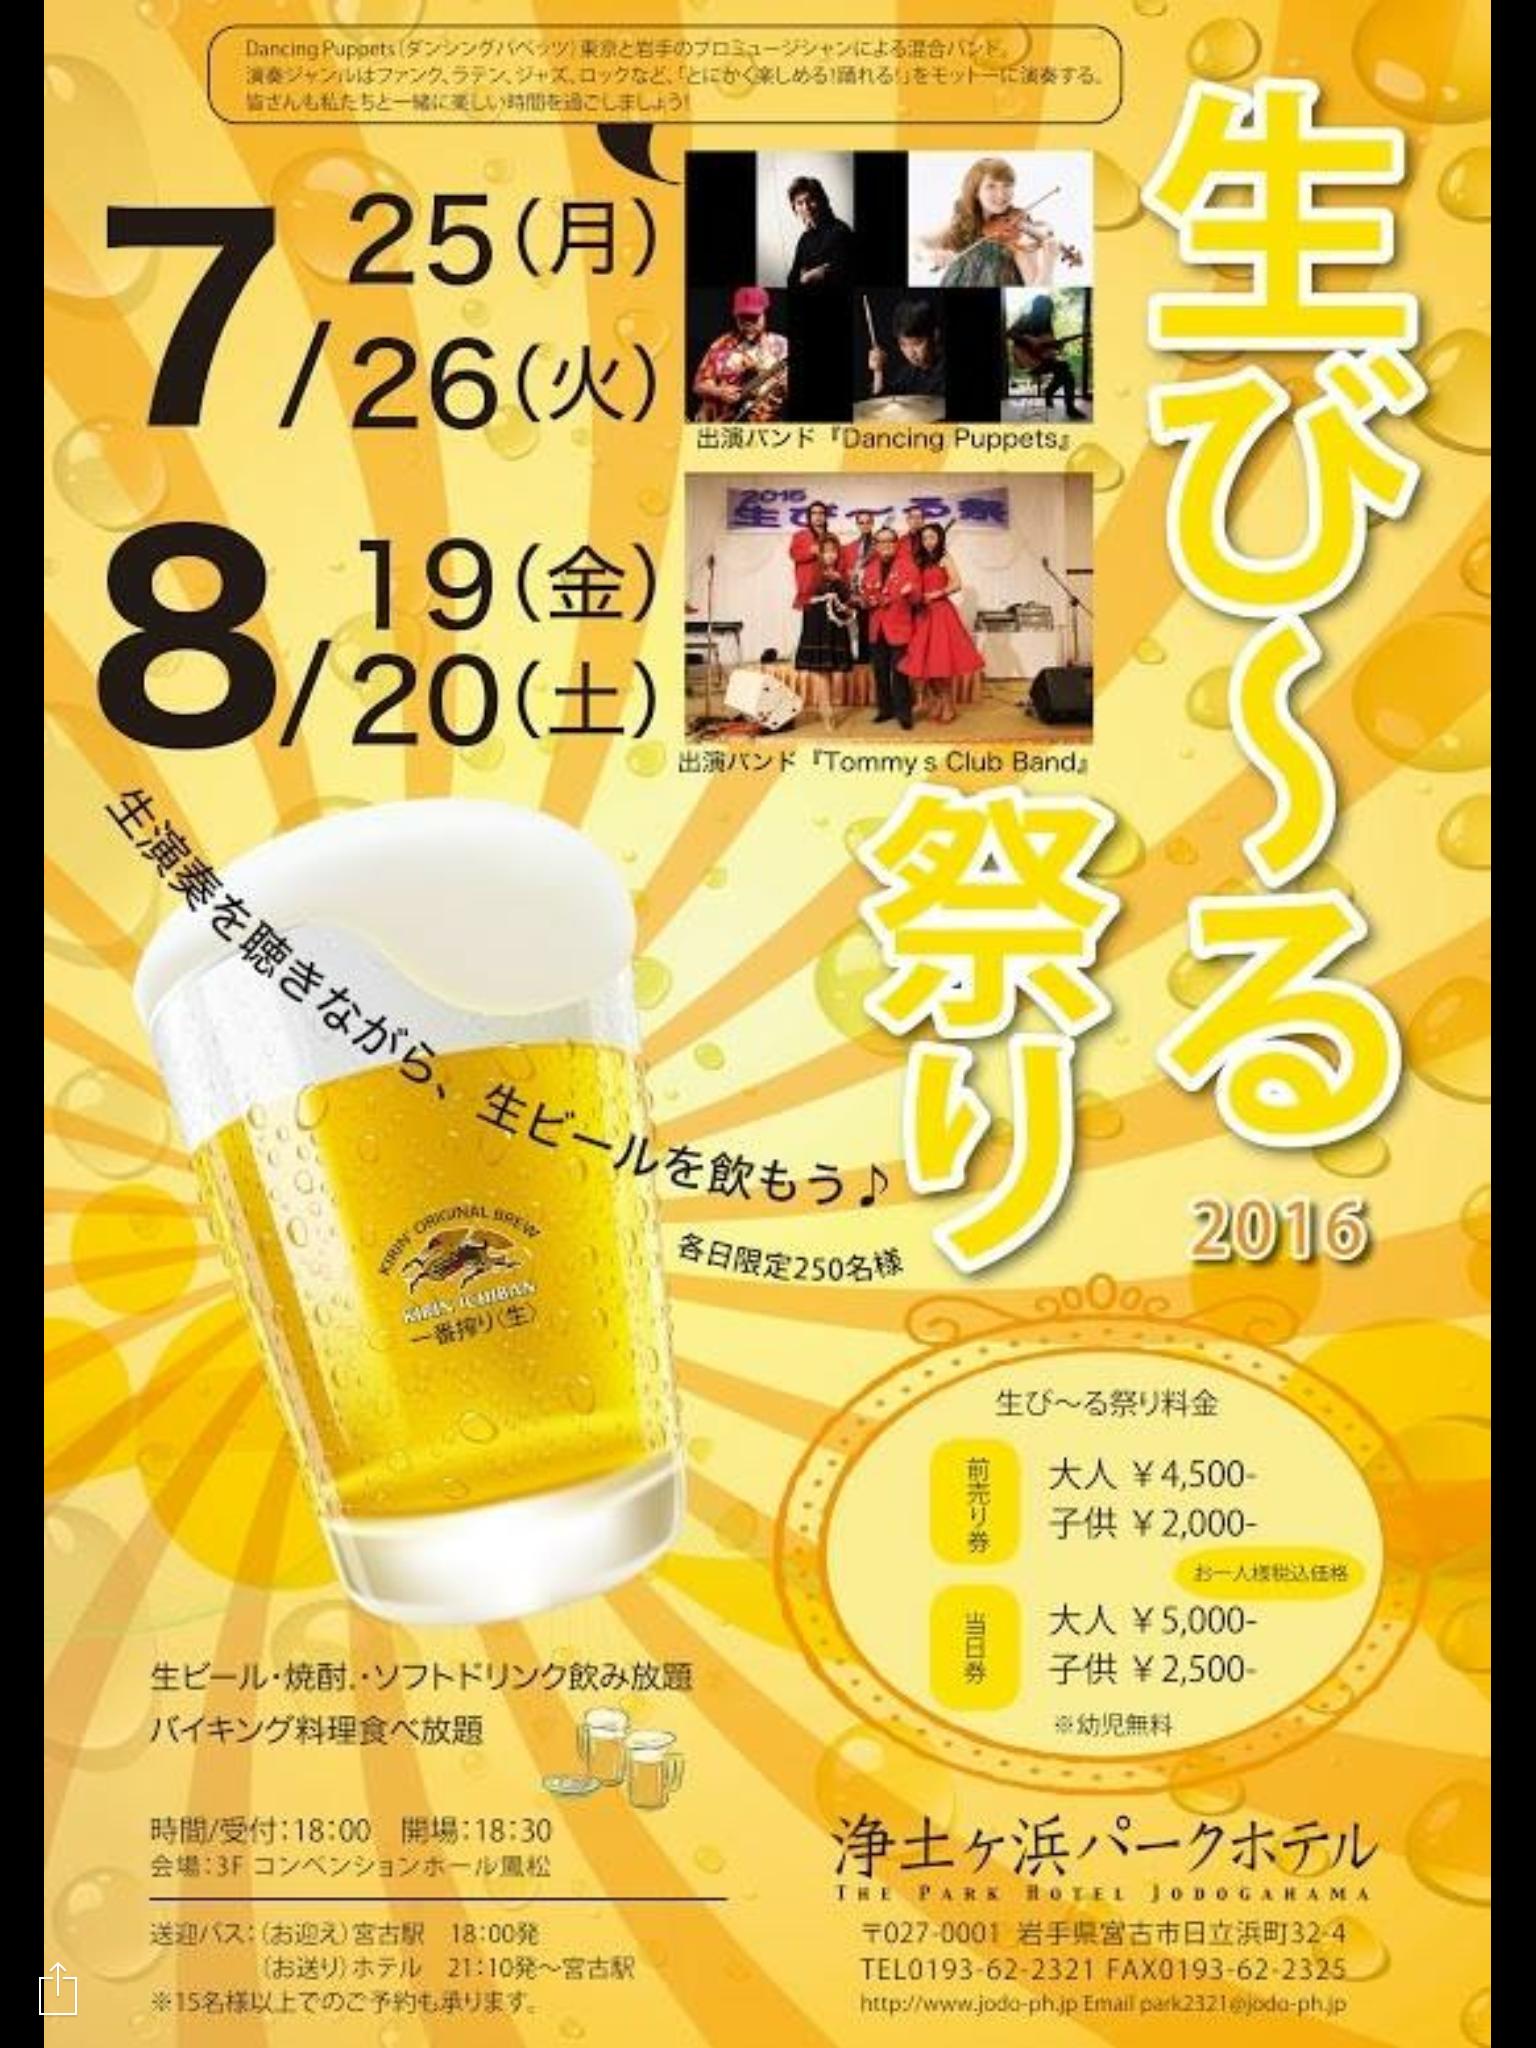 浄土ヶ浜ビール祭り